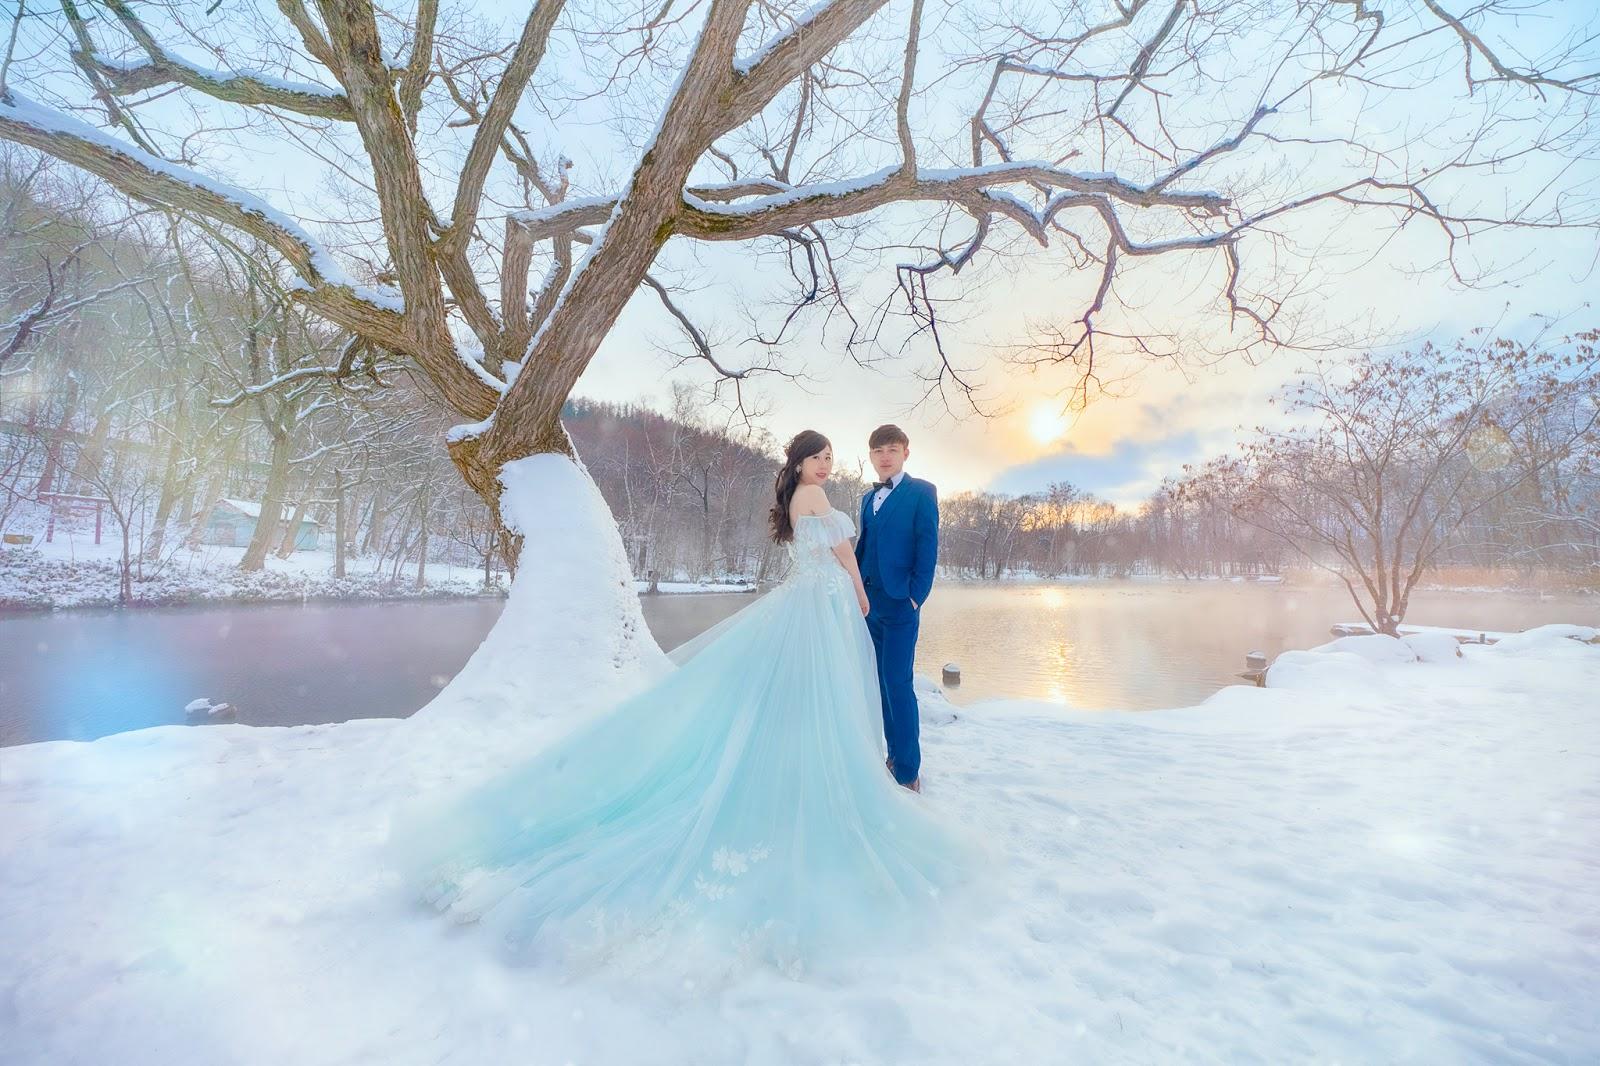 北海道婚紗/日本海外婚紗/下雪/北海道大學 小樽 札幌 雪地婚紗 世界最美的雪景婚紗 海外婚紗推薦瑪朵婚紗